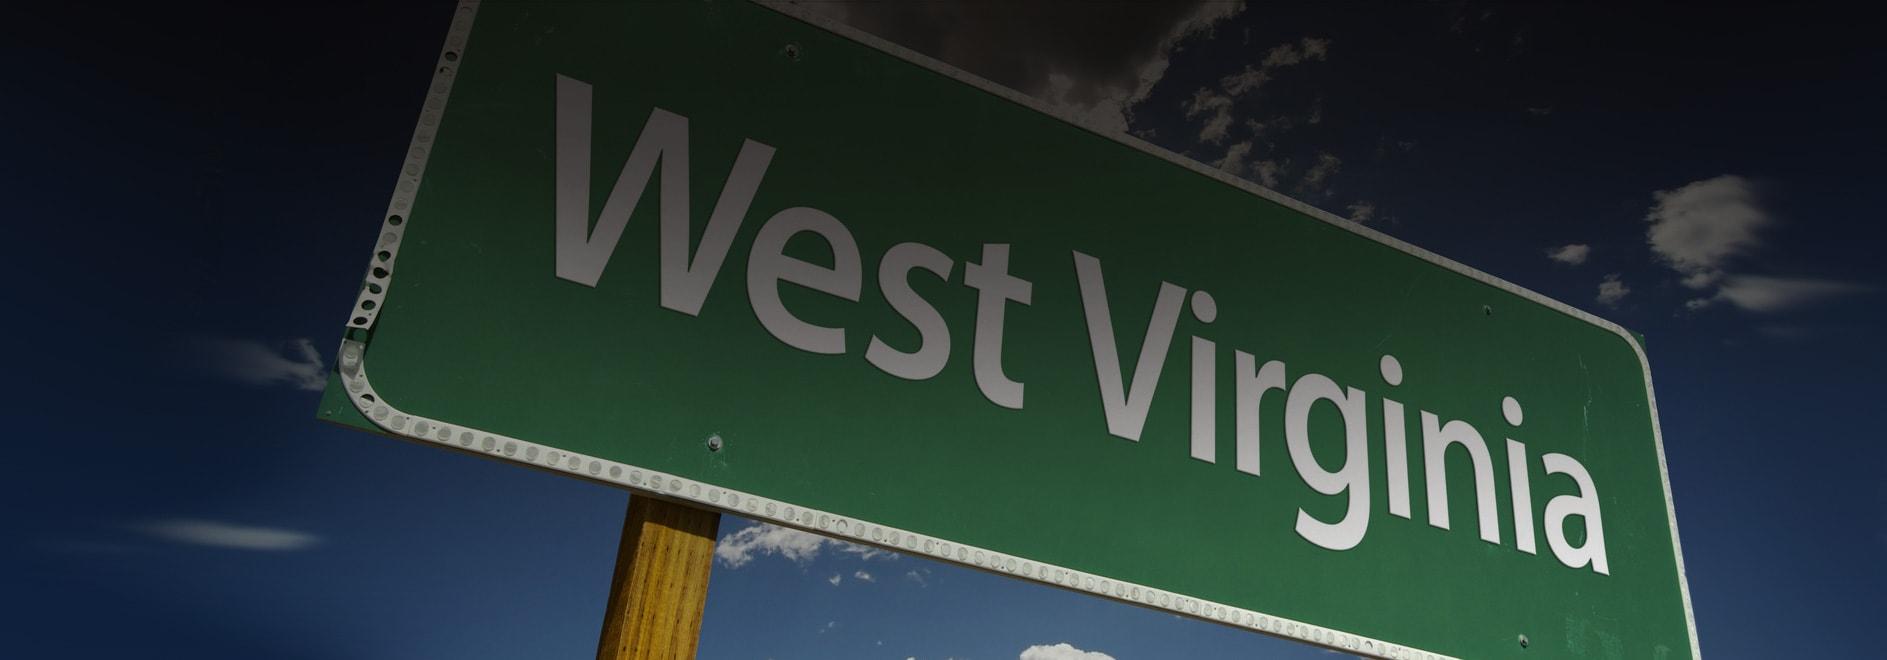 Web Design Morgantown West Virginia